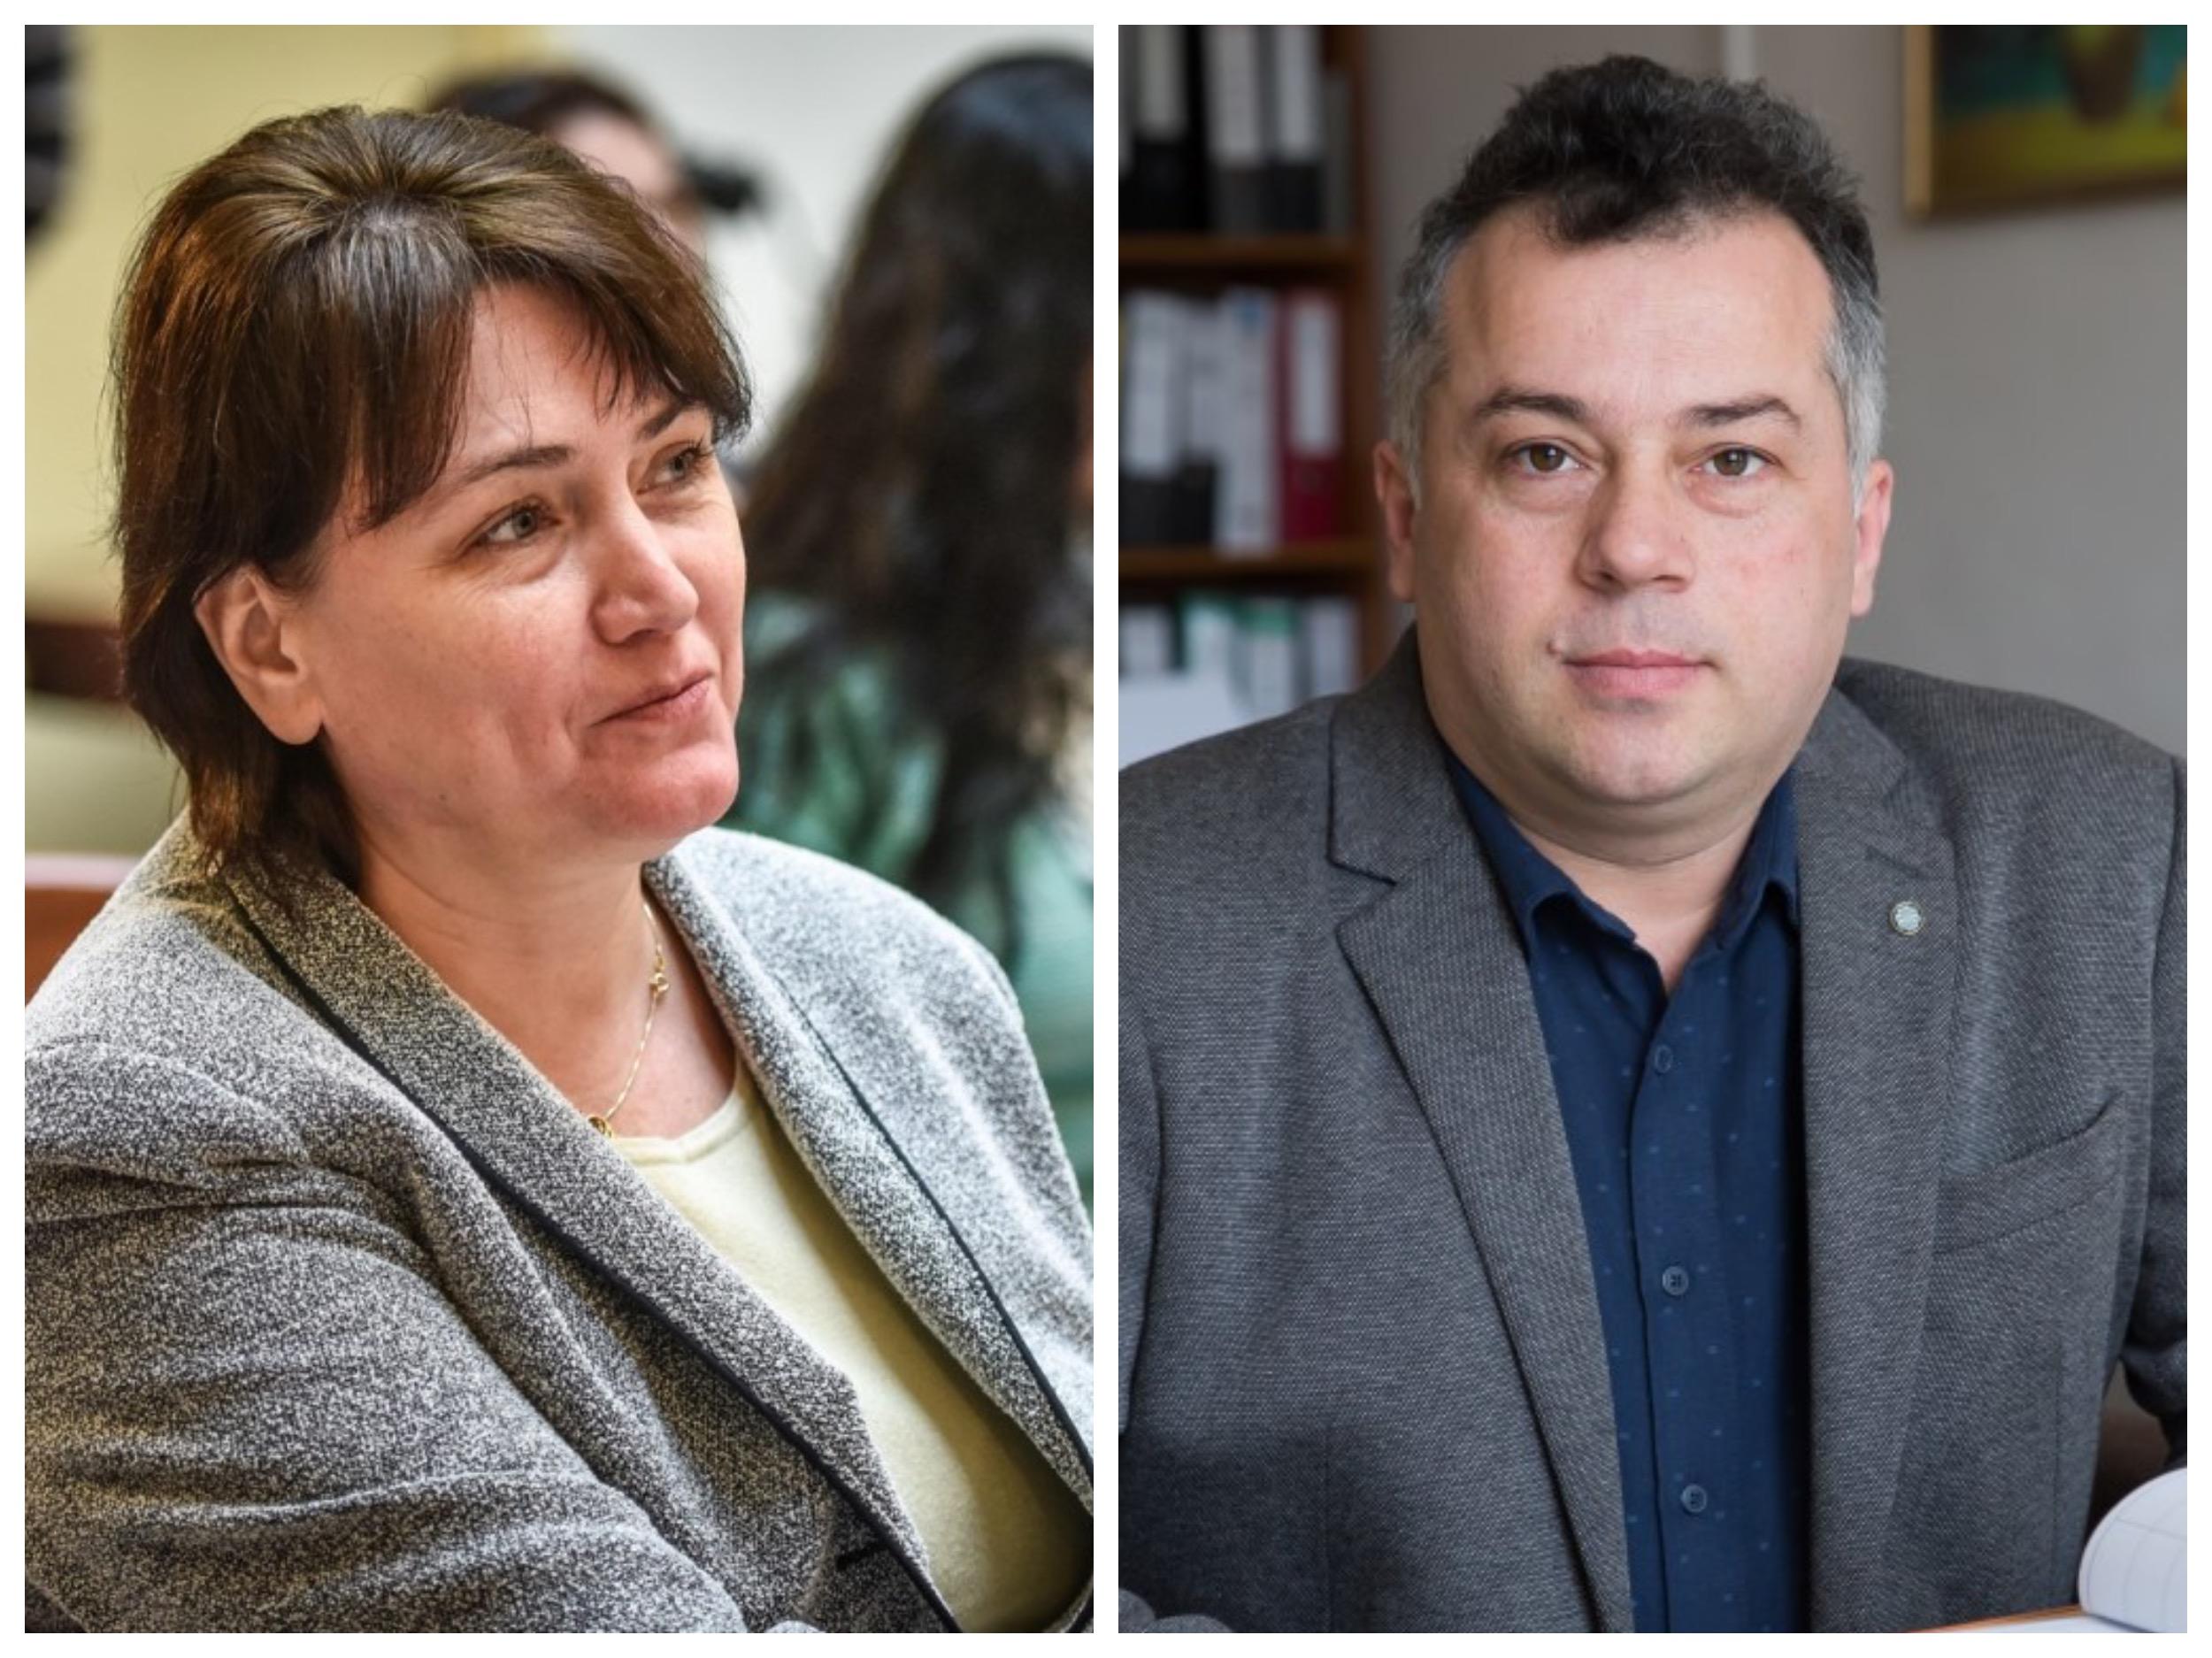 """Surse. Bokor și Dumbravă, cei doi viceprimari cu care va lucra Fodor. """"Mi-ar plăcea să am ceva de făcut, nu doar să încasez un salariu"""""""